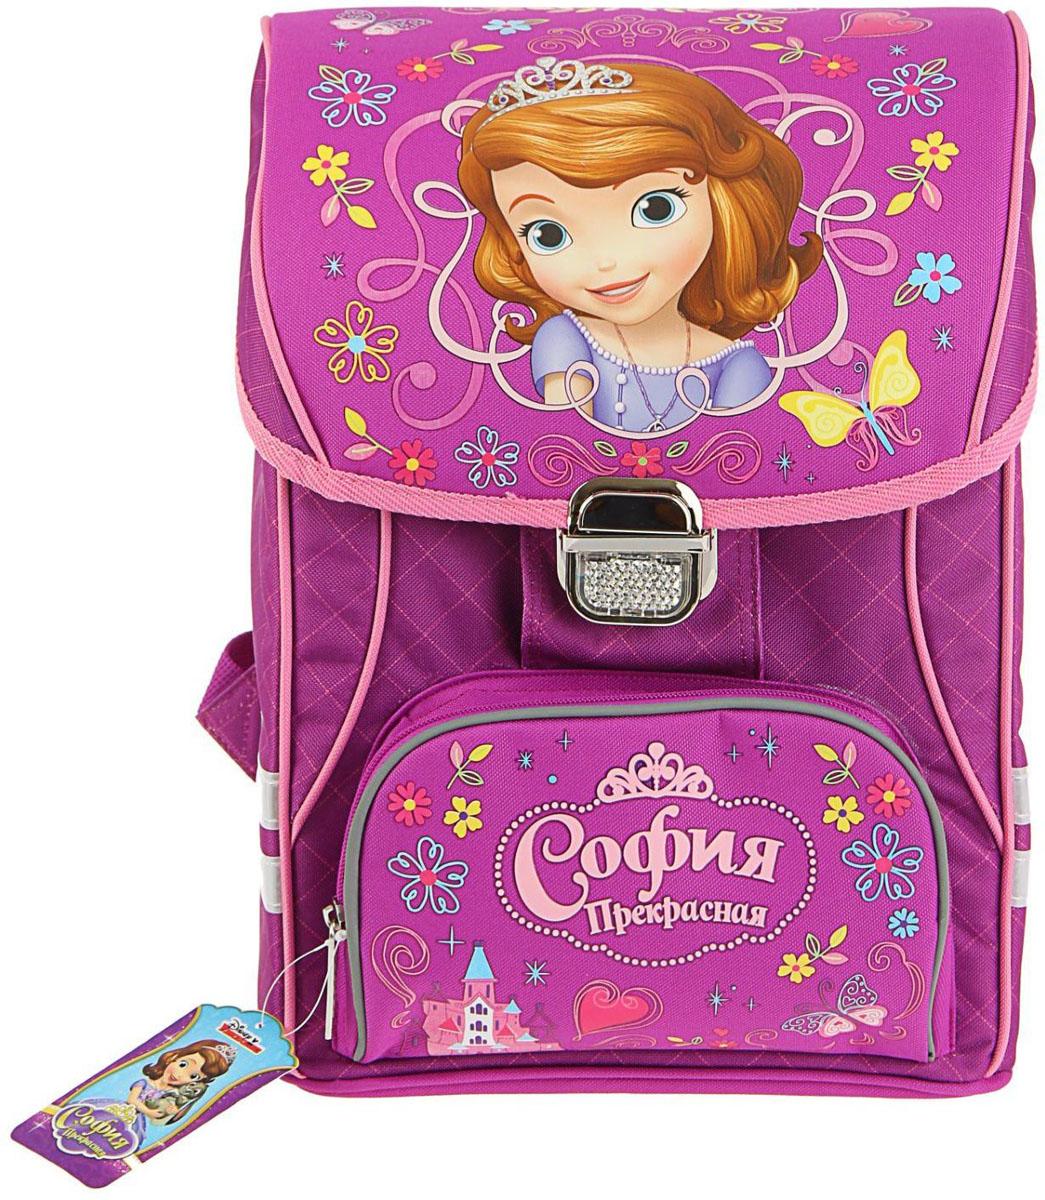 Disney Ранец школьный София цвет бежевый розовый72523WDРанец, или портфель, — это жёсткая ученическая сумка, которая является традиционным атрибутом школьного «снаряжения».Характеристики идеального современного ранца для школьника выглядят так:жёсткие корпус и спинка;регулируемые широкие мягкие лямки;наличие светоотражателей;масса — 600?800 г;мягкие подушечки на спинке и сетчатая, «дышащая» задняя сторона.Ранец на замке Disney София 37*30*21 см, для девочки, фиолетовый — это очень практичное и качественное текстильное изделие, которое отвечает всем перечисленным требованиям.Жёсткий корпус защитит ребёнка и содержимое: он не позволит книгам и учебникам «втыкаться» в спину и сбережёт ранец, если ученик его уронит. А смягчающие элементы (поролон и сетка) сделают процесс ношения этого изделия комфортным.